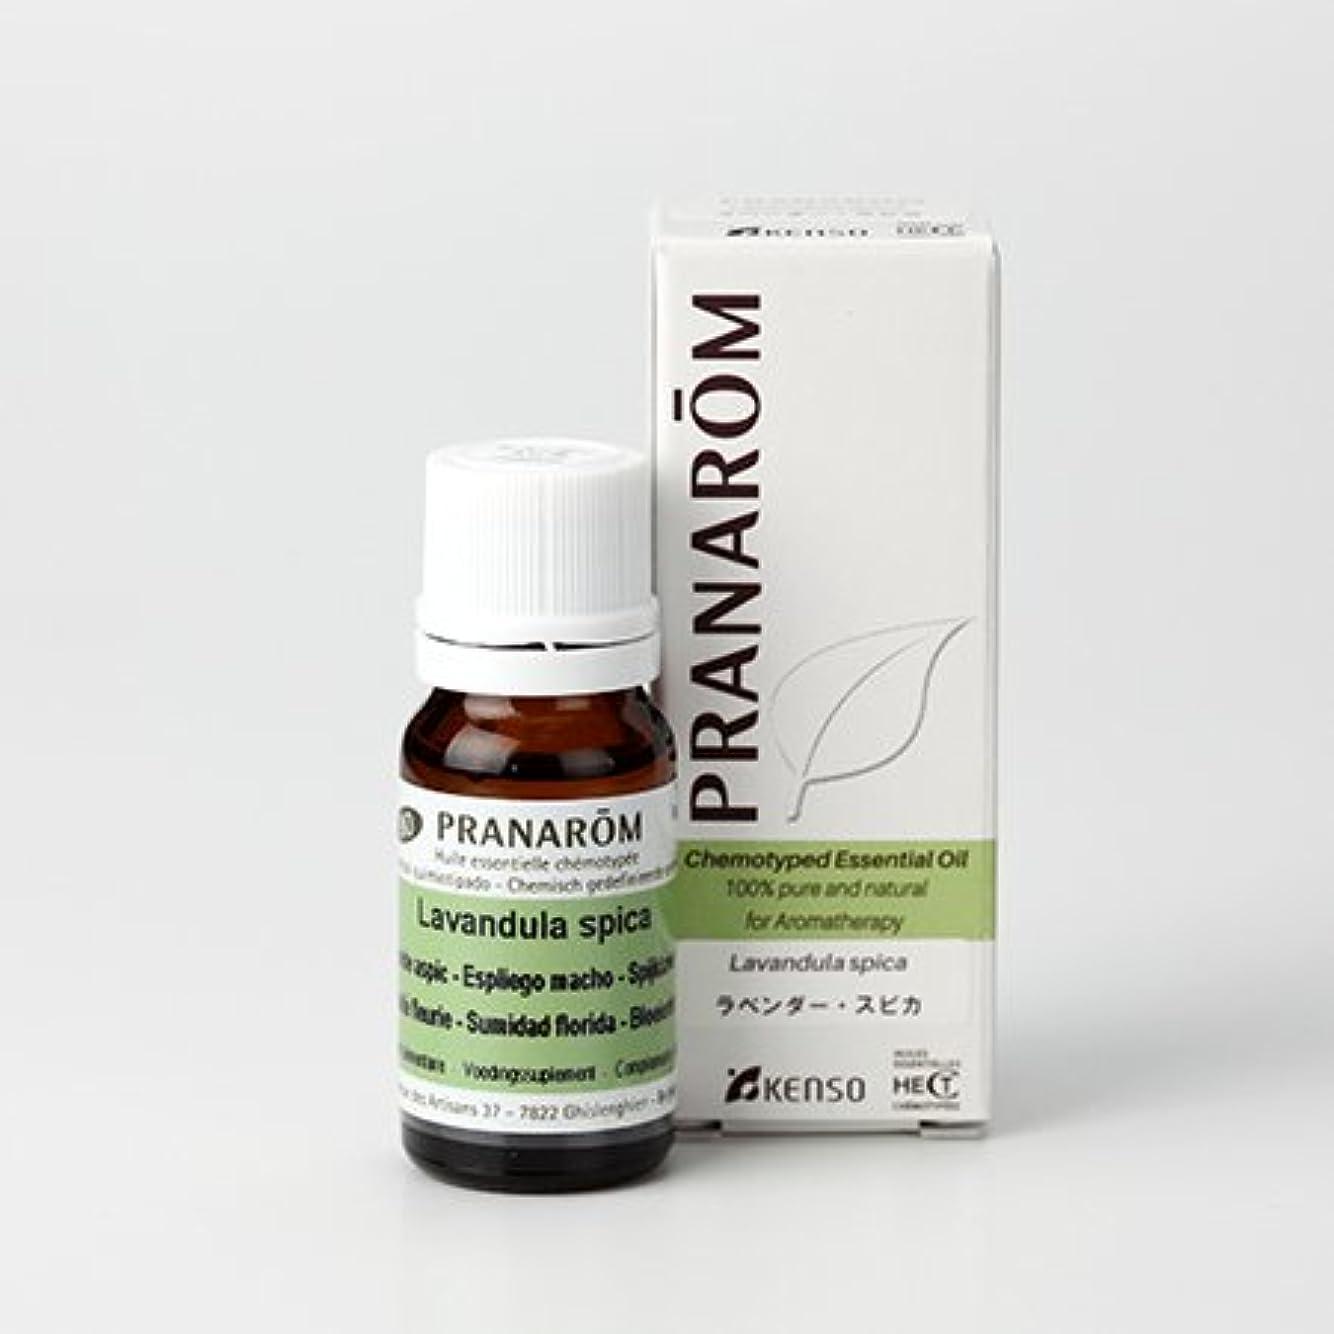 検索エンジン最適化もし胃プラナロム ( PRANAROM ) 精油 ラベンダー?スピカ 10ml p-101 ラベンダースピカ